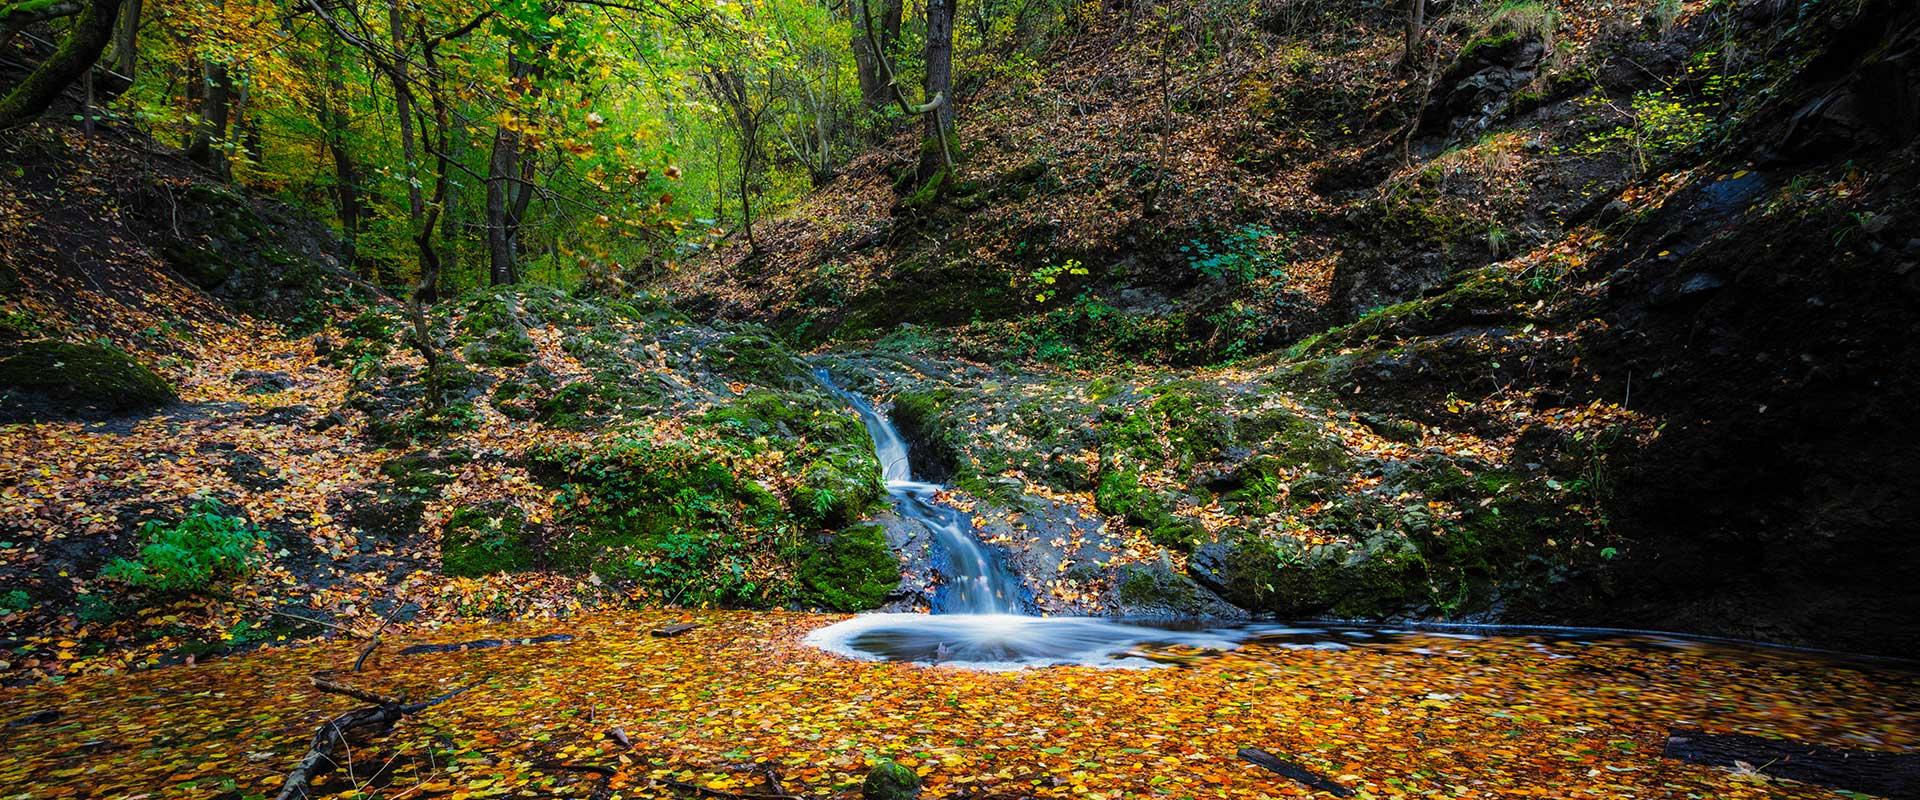 Visegrád ősszel - Pilisi kalandozások